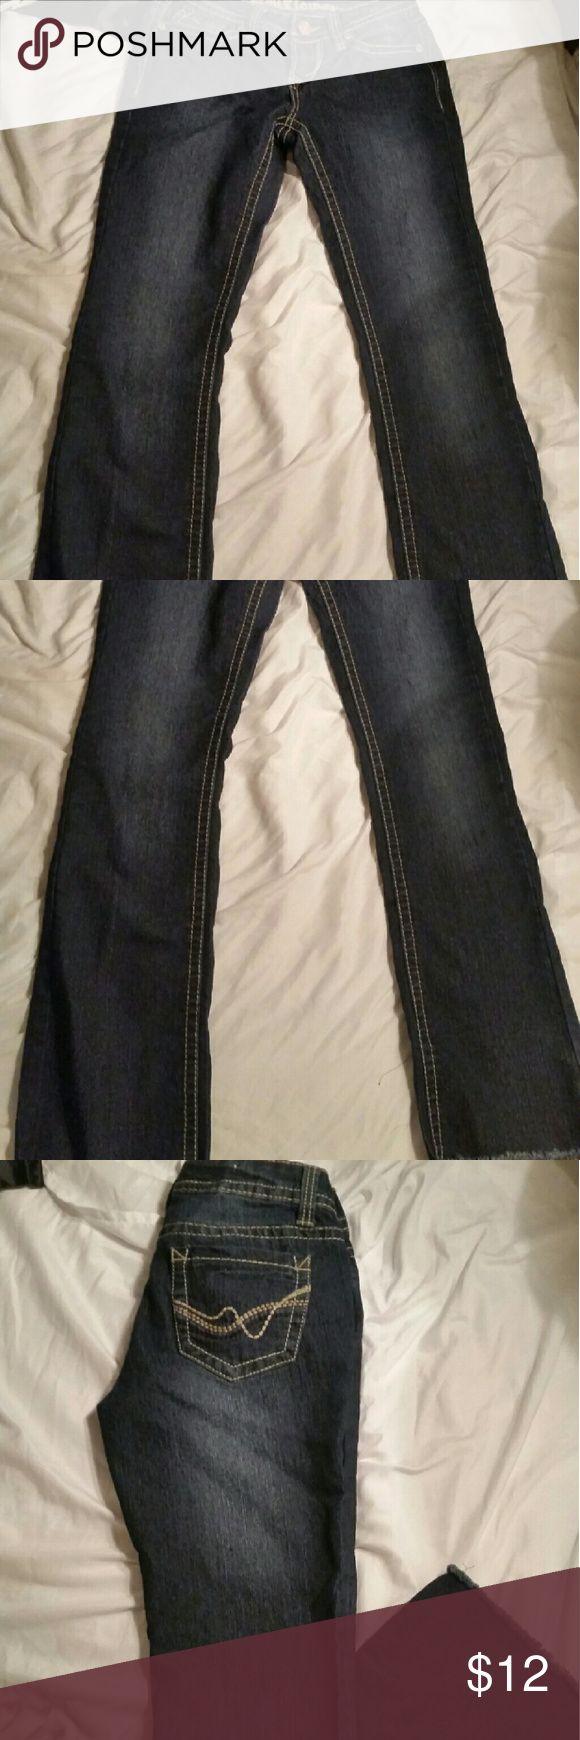 Wallflower jeans Dark colored new jeans  length 29 wallflower Jeans Straight Leg